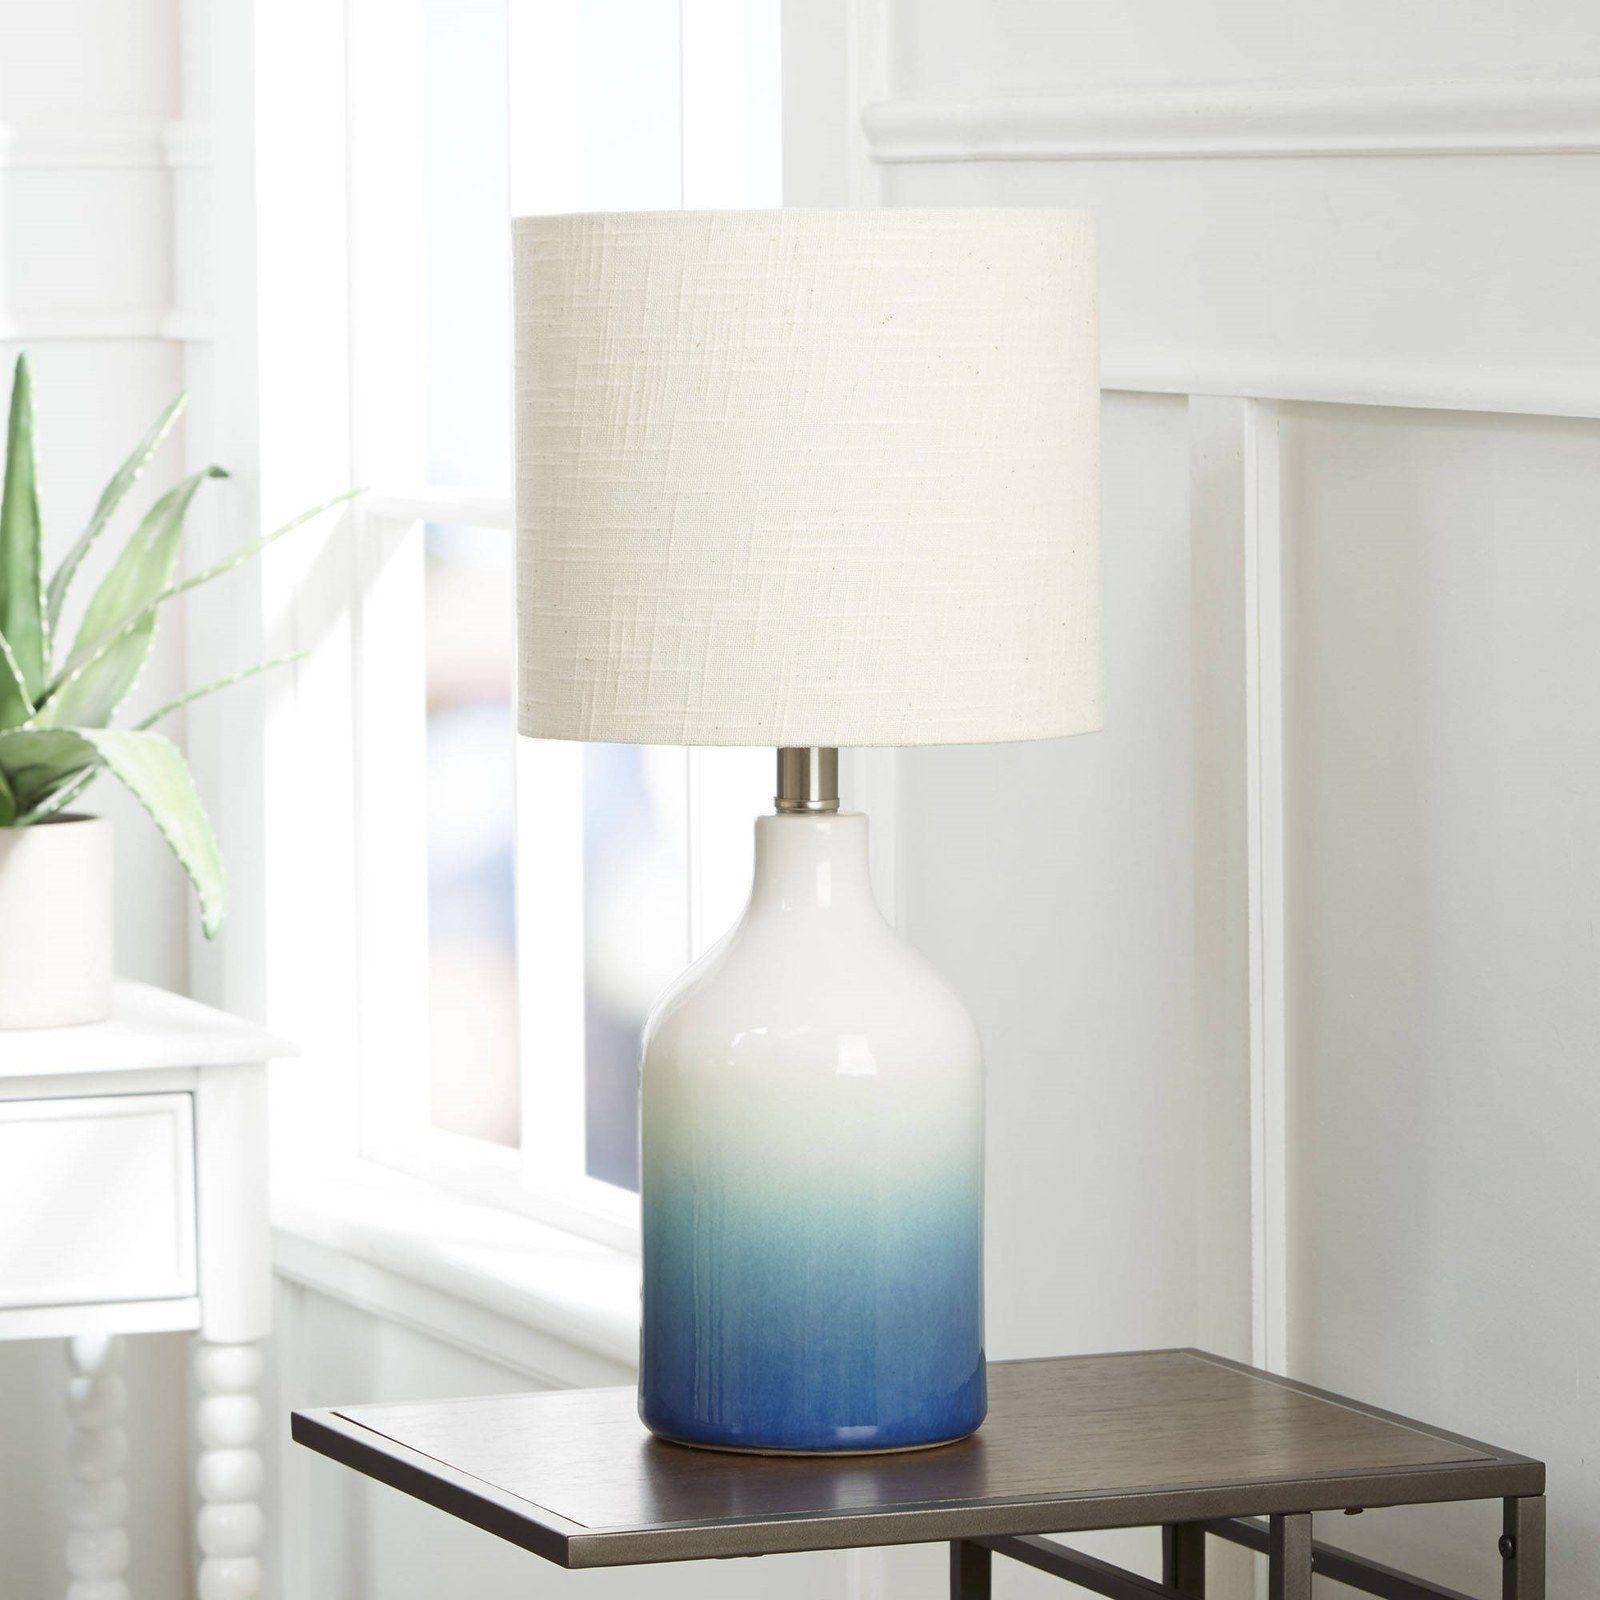 Better Homes & Gardens Ceramic Table Lamp